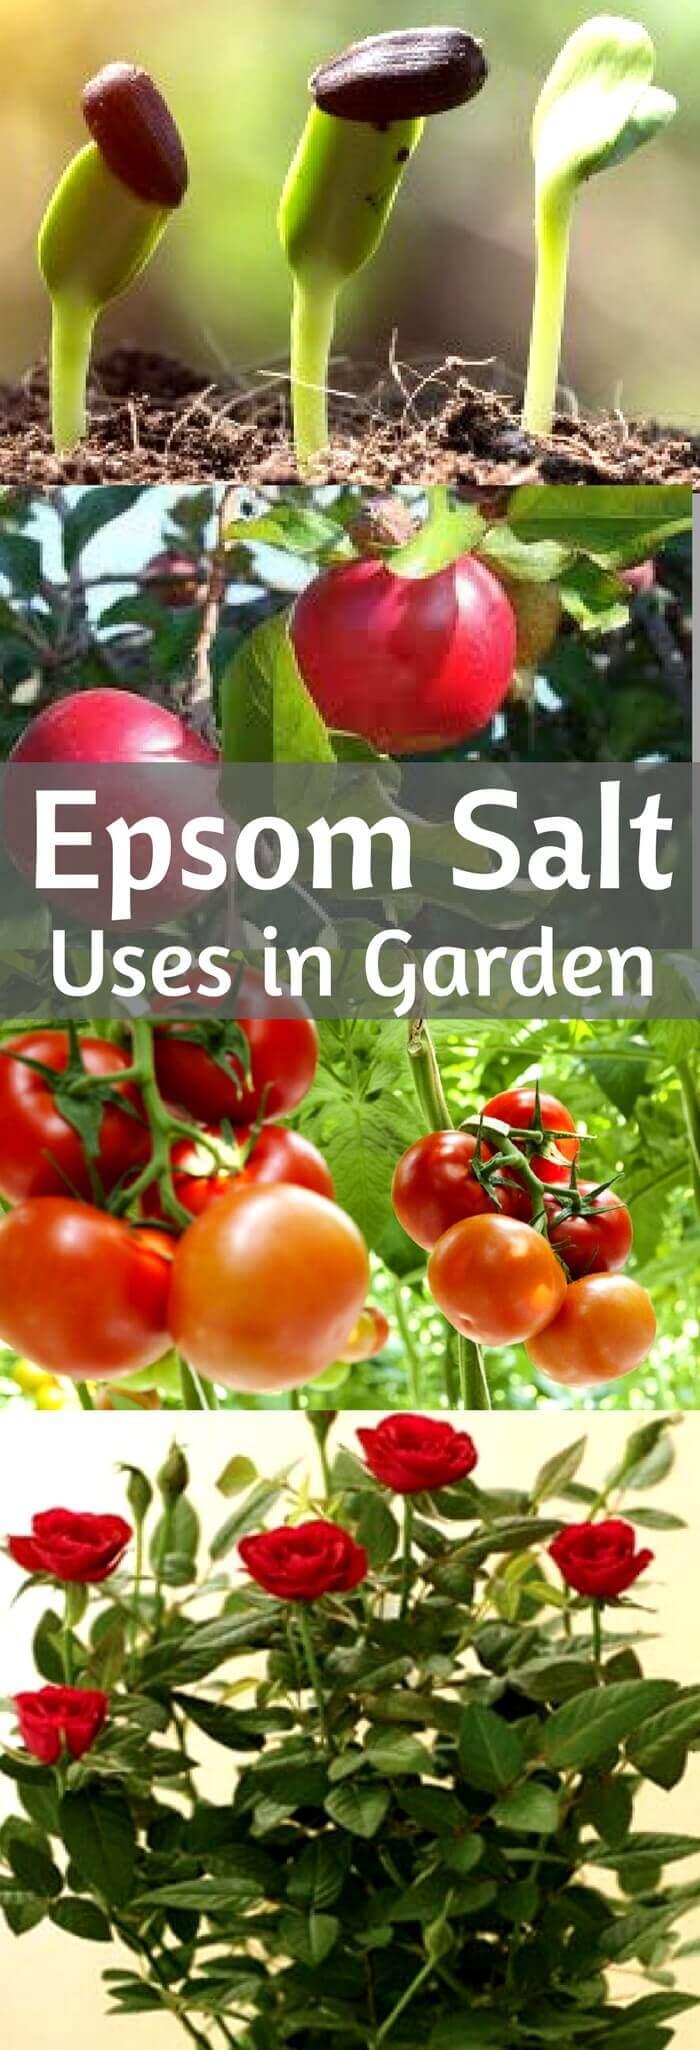 Epsom Salt uses in Garden